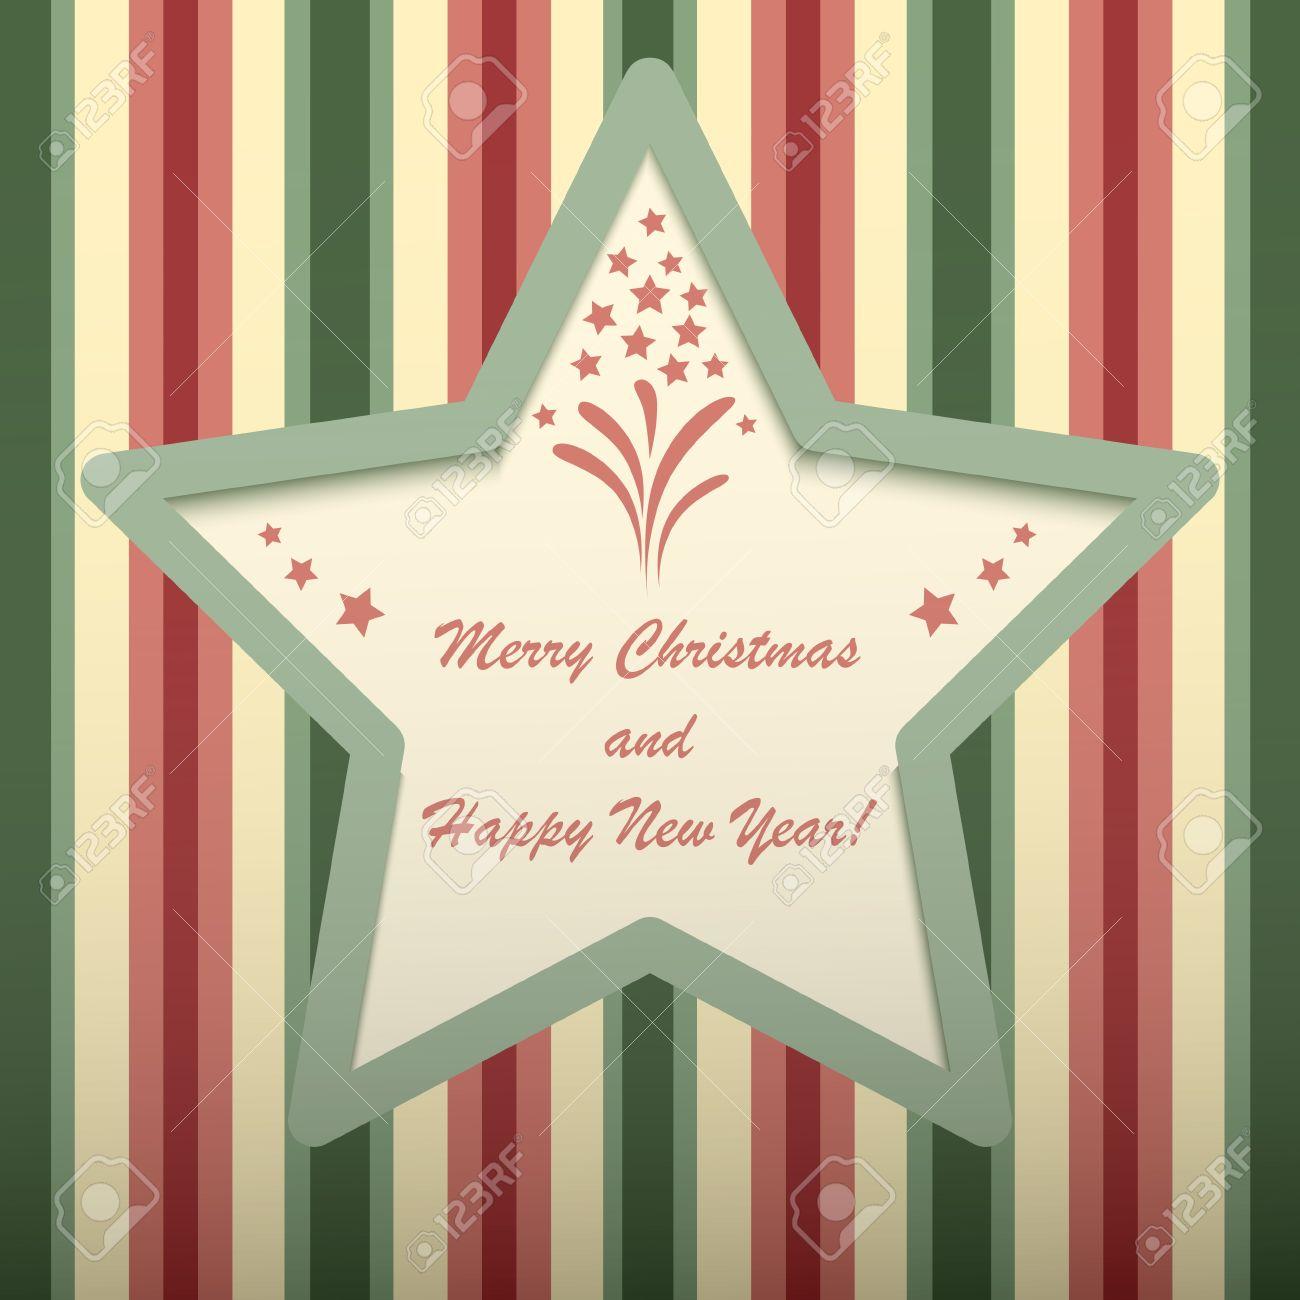 tarjeta de navidad con marco en forma de estrella foto de archivo